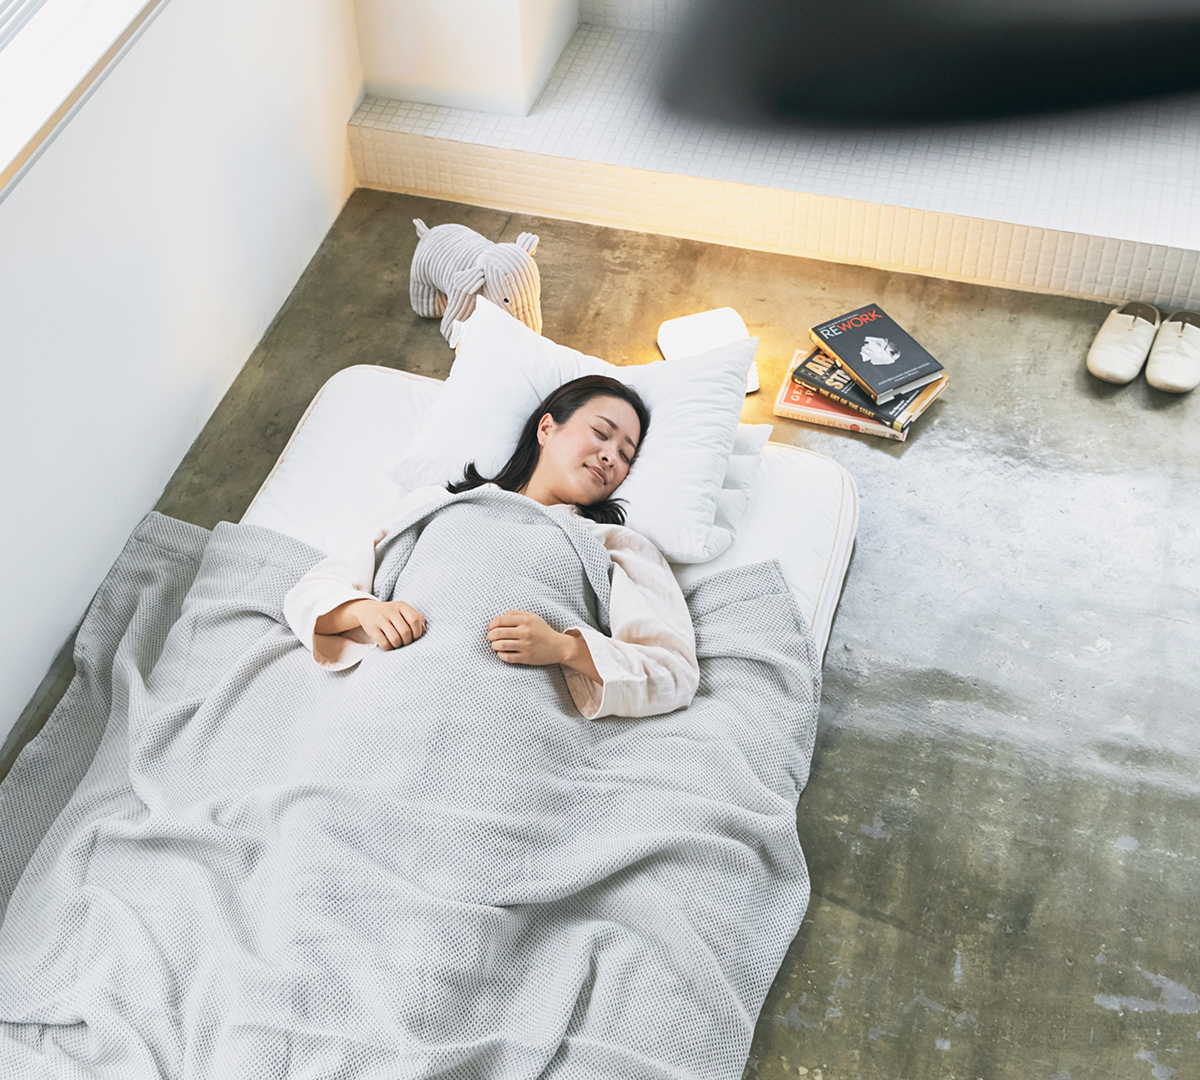 腰痛や首・肩の痛みを感じる人は、『ドウヤメソッド』のマットレスで寝てください。寝心地がグッと変わるはずです。|整形外科医銅冶英雄(どうや・ひでお)先生が考案した、硬柔2層構造が、体のカーブを正しくキープしてくれる折りたたみ型の腰痛対策マットレス・ベッドパット|ドウヤメソッド